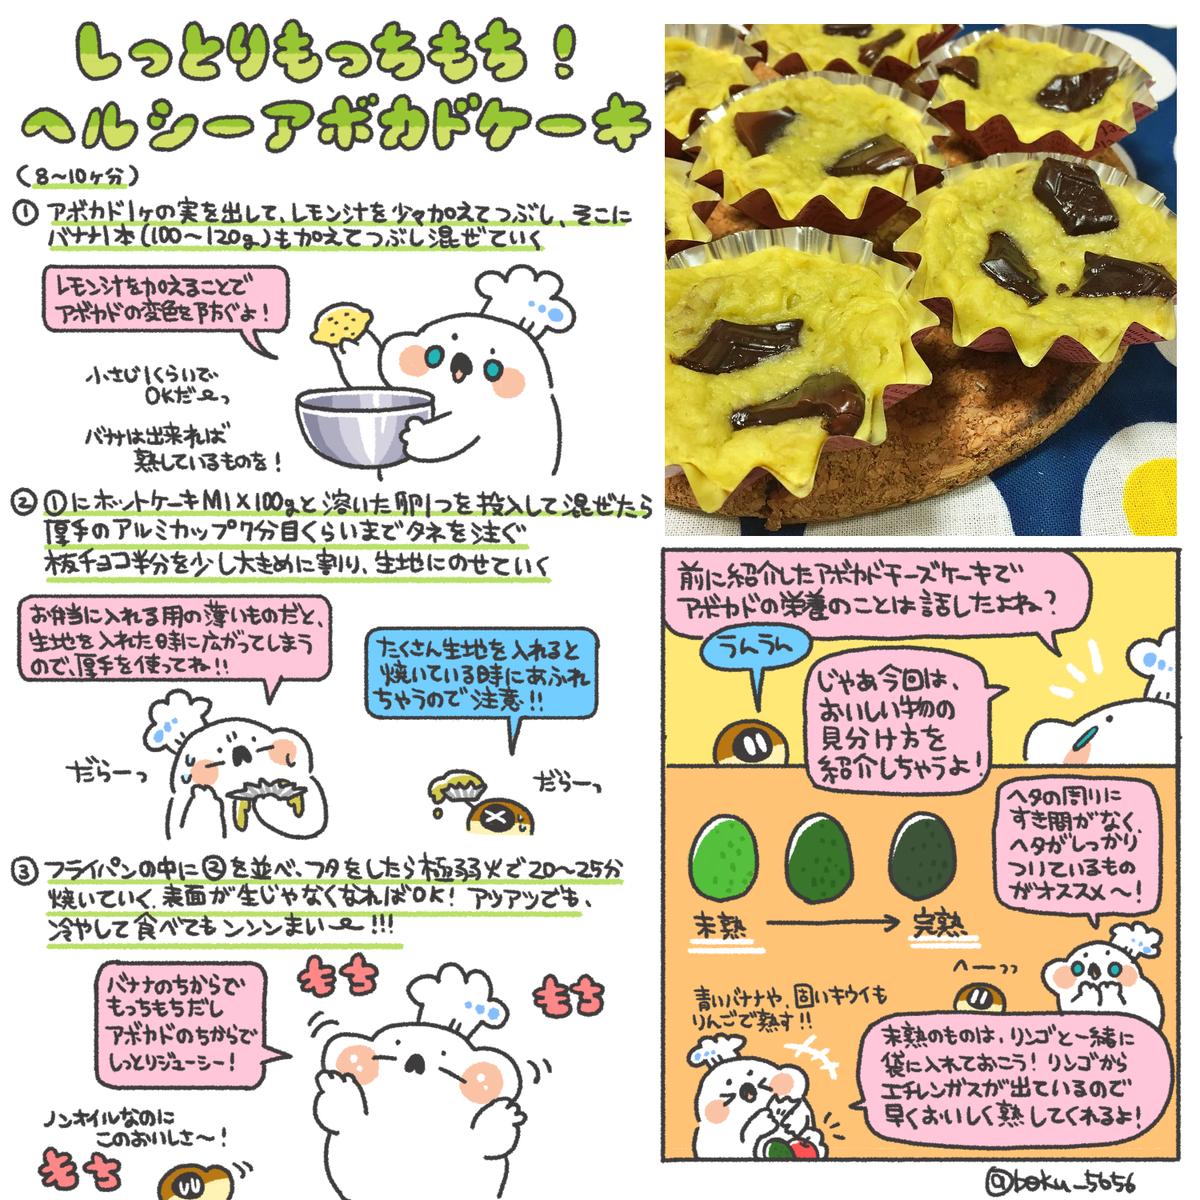 しっとりもっちもち!ヘルシーアボカドケーキのレシピまとめました(੭OO)੭